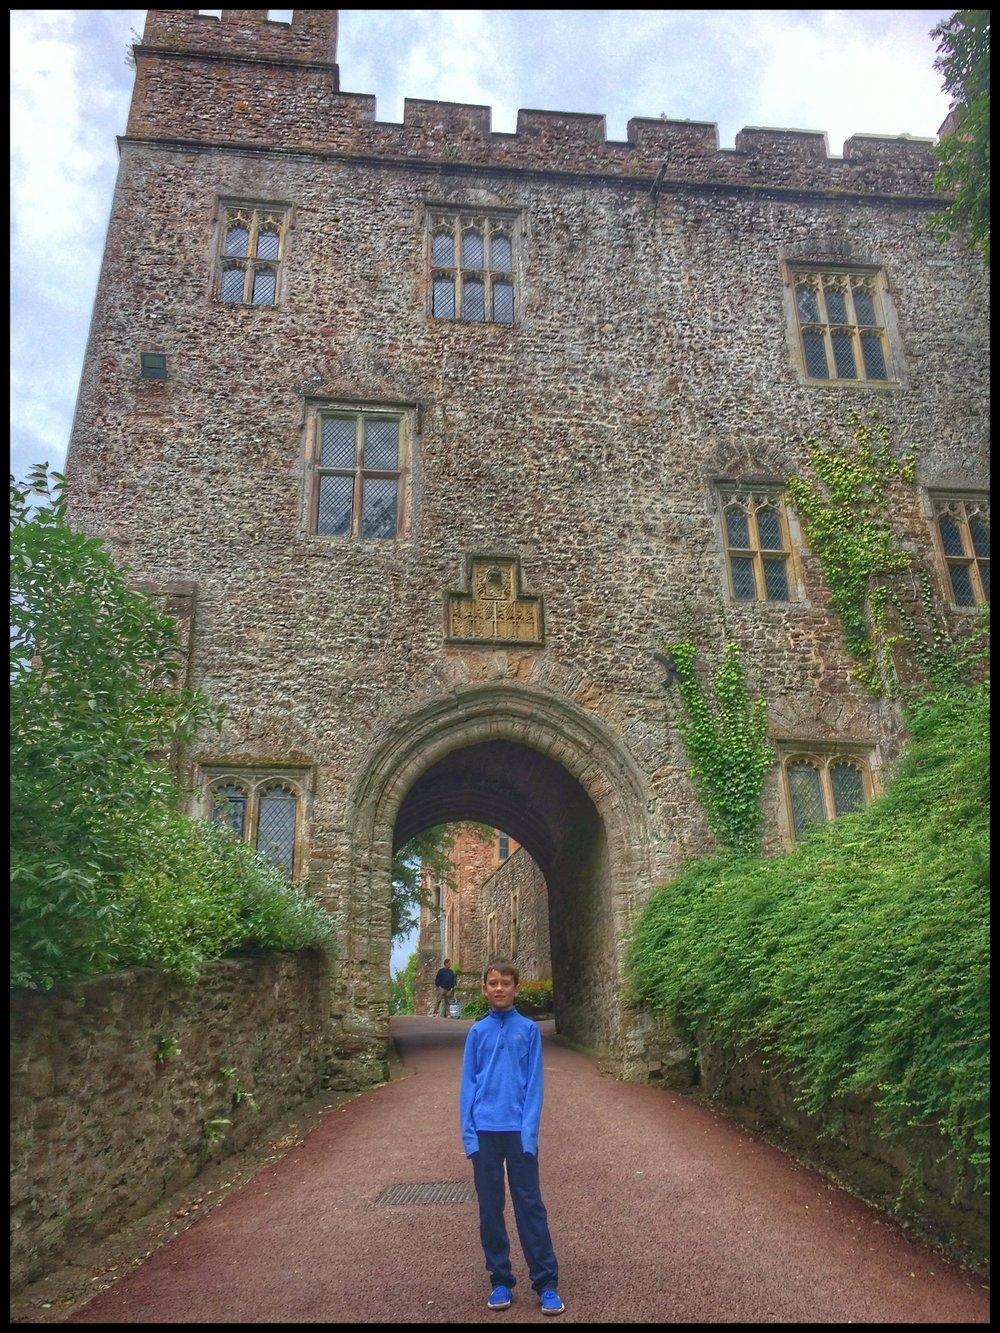 Our final castle tour at Dunster